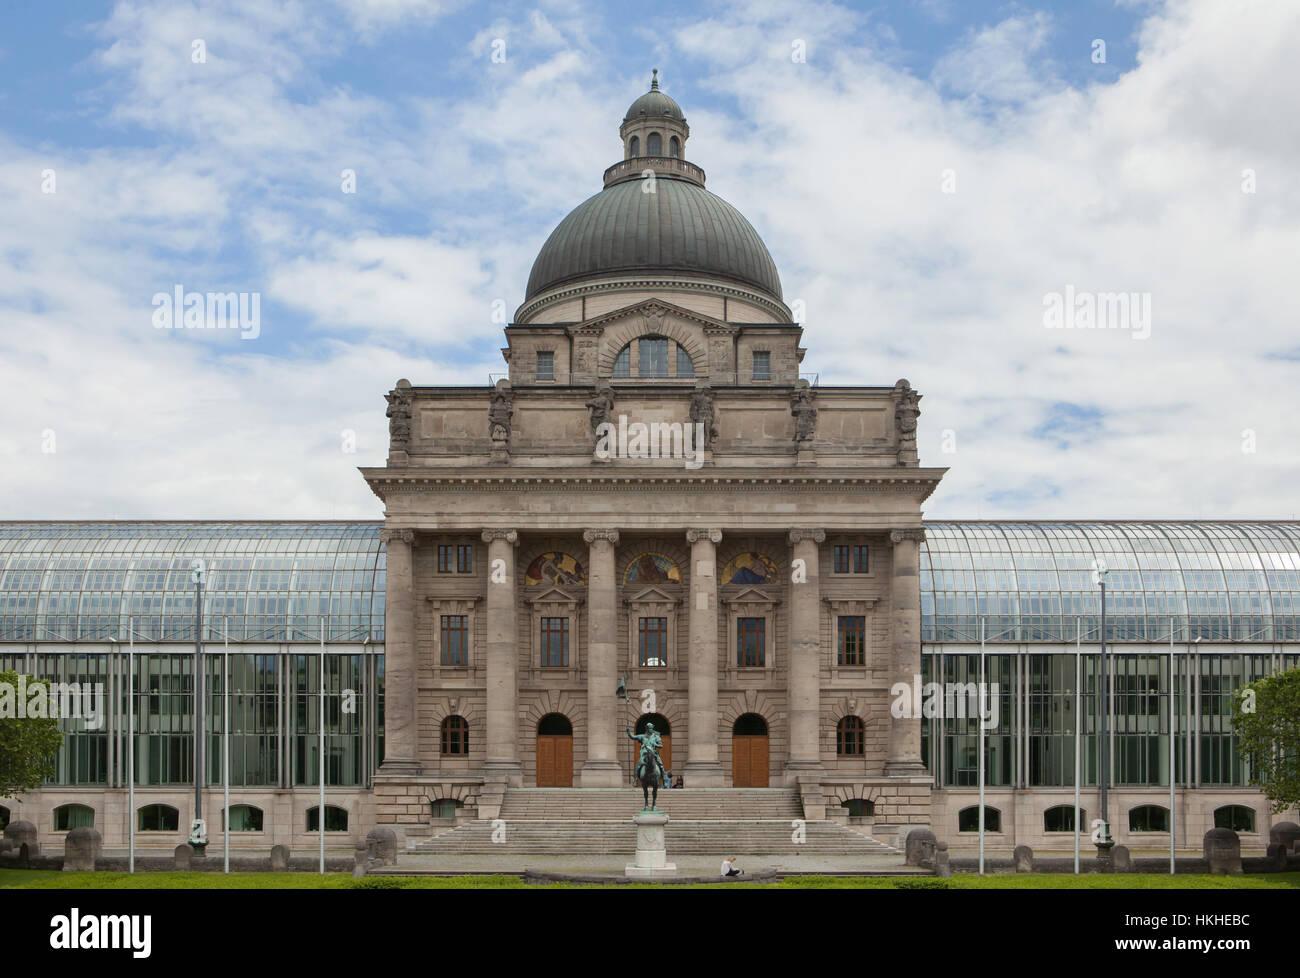 Bavarian State Chancellery (Bayerische Staatskanzlei) in Munich, Bavaria, Germany. - Stock Image